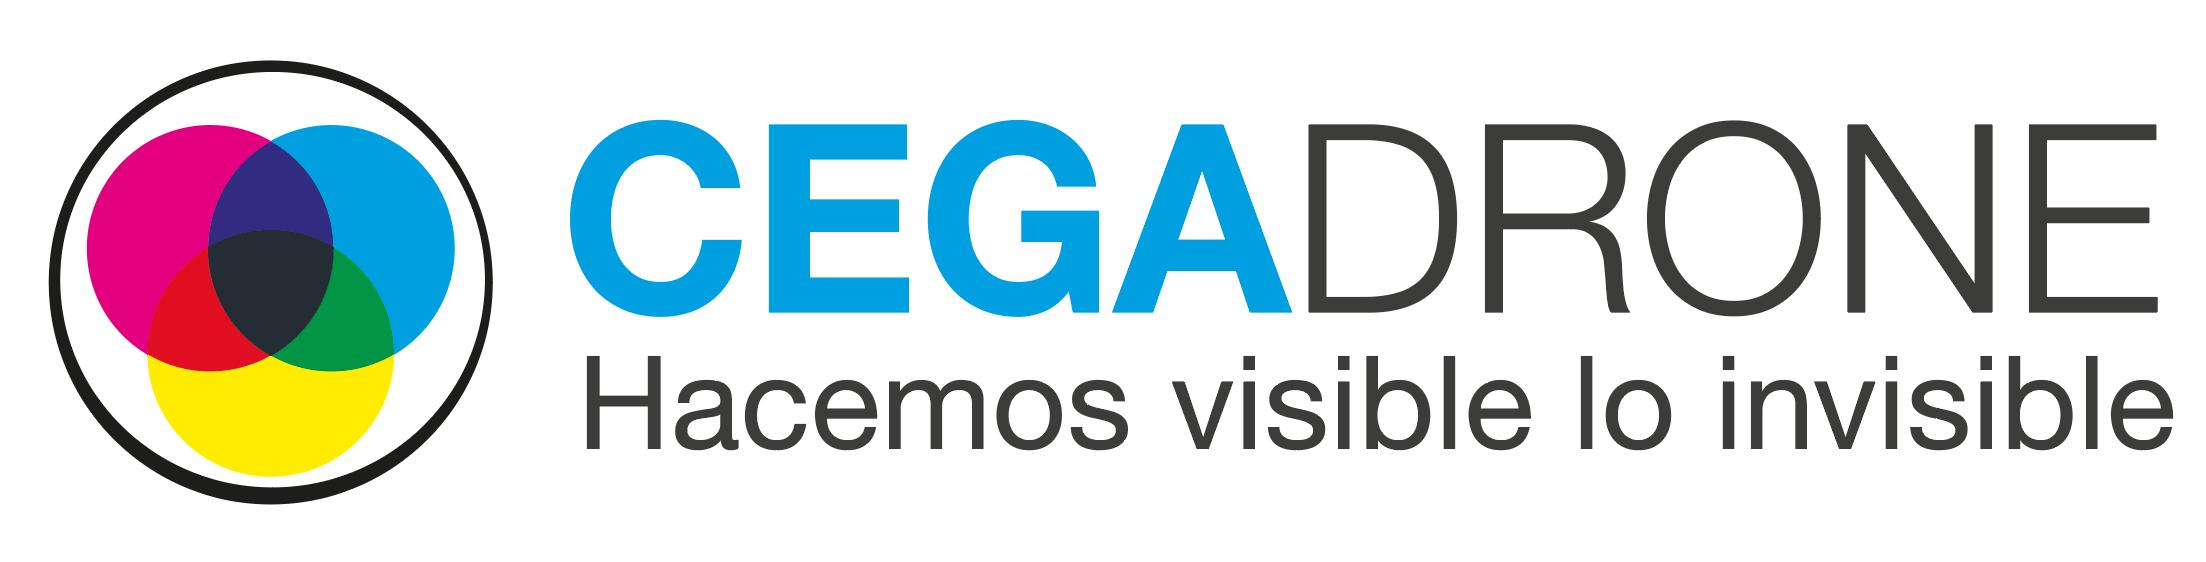 Convenio de colaboración entre Cegadrone y el Colegio de Geógrafos.